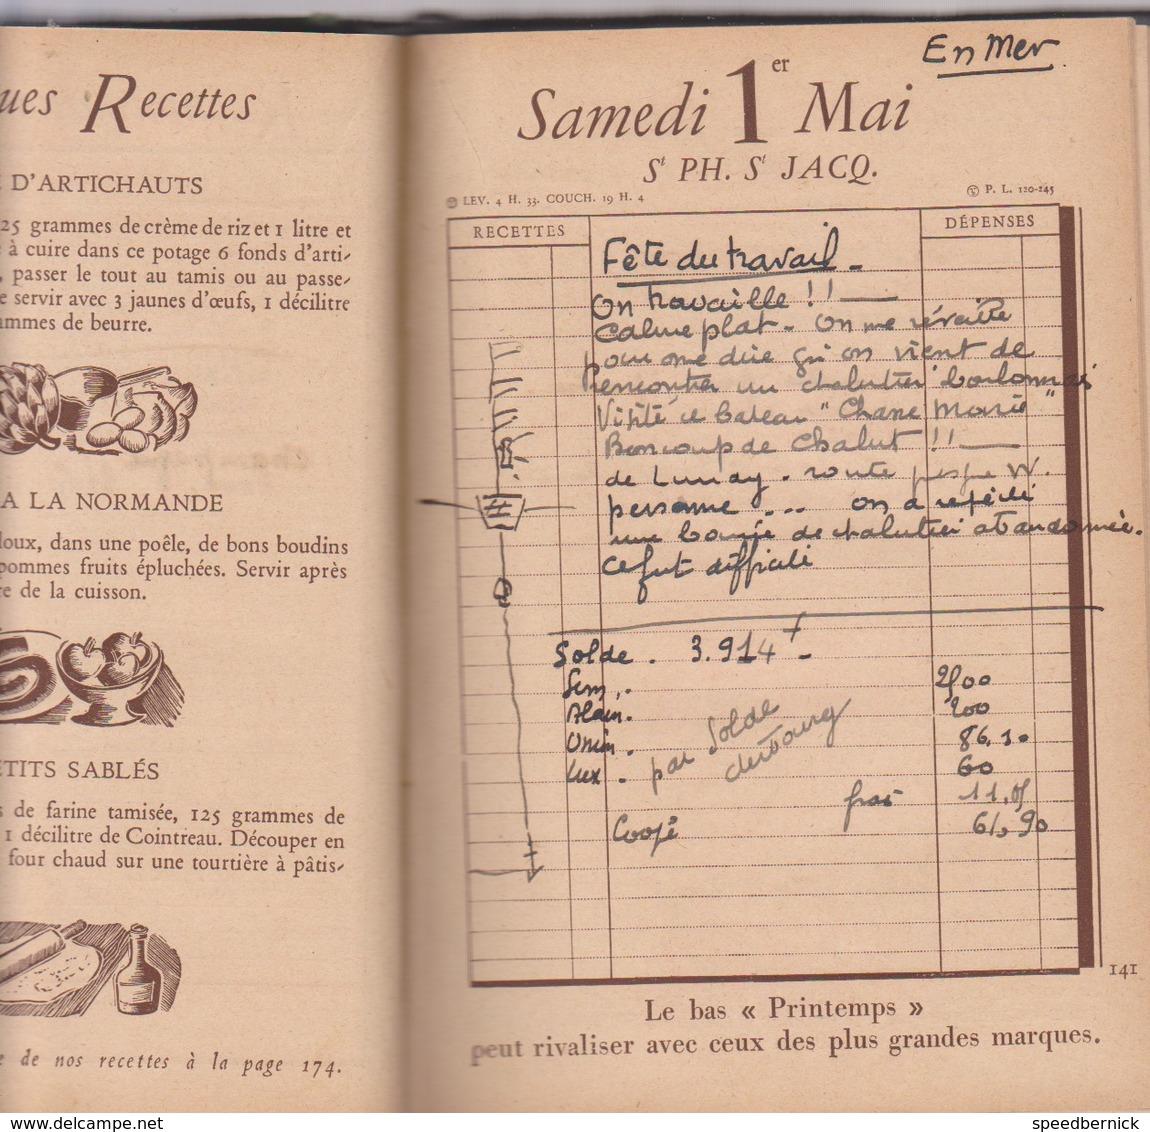 Journal De Bord De Paul Le Coz - Loctudy- Ecole Mousses - Sur Agenda Printemps 1937 Bateau Marin Football - Manuscrits